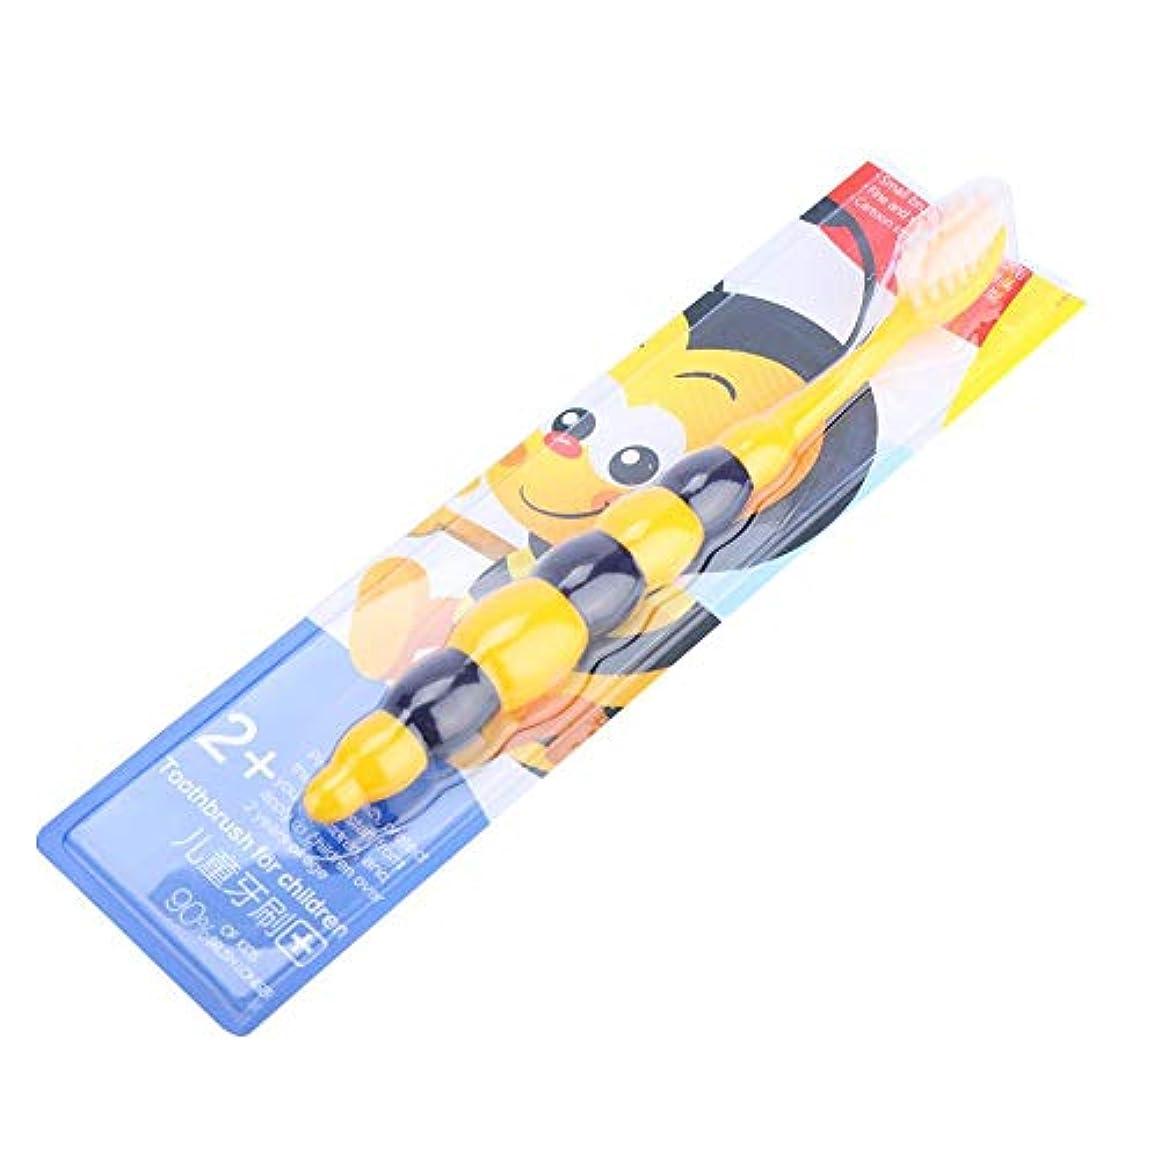 筋肉のモーター有能な子供の柔らかい髪の歯ブラシの子供かわいいクリーニングの歯ブラシオーラルケアツール(黄色い蜂)